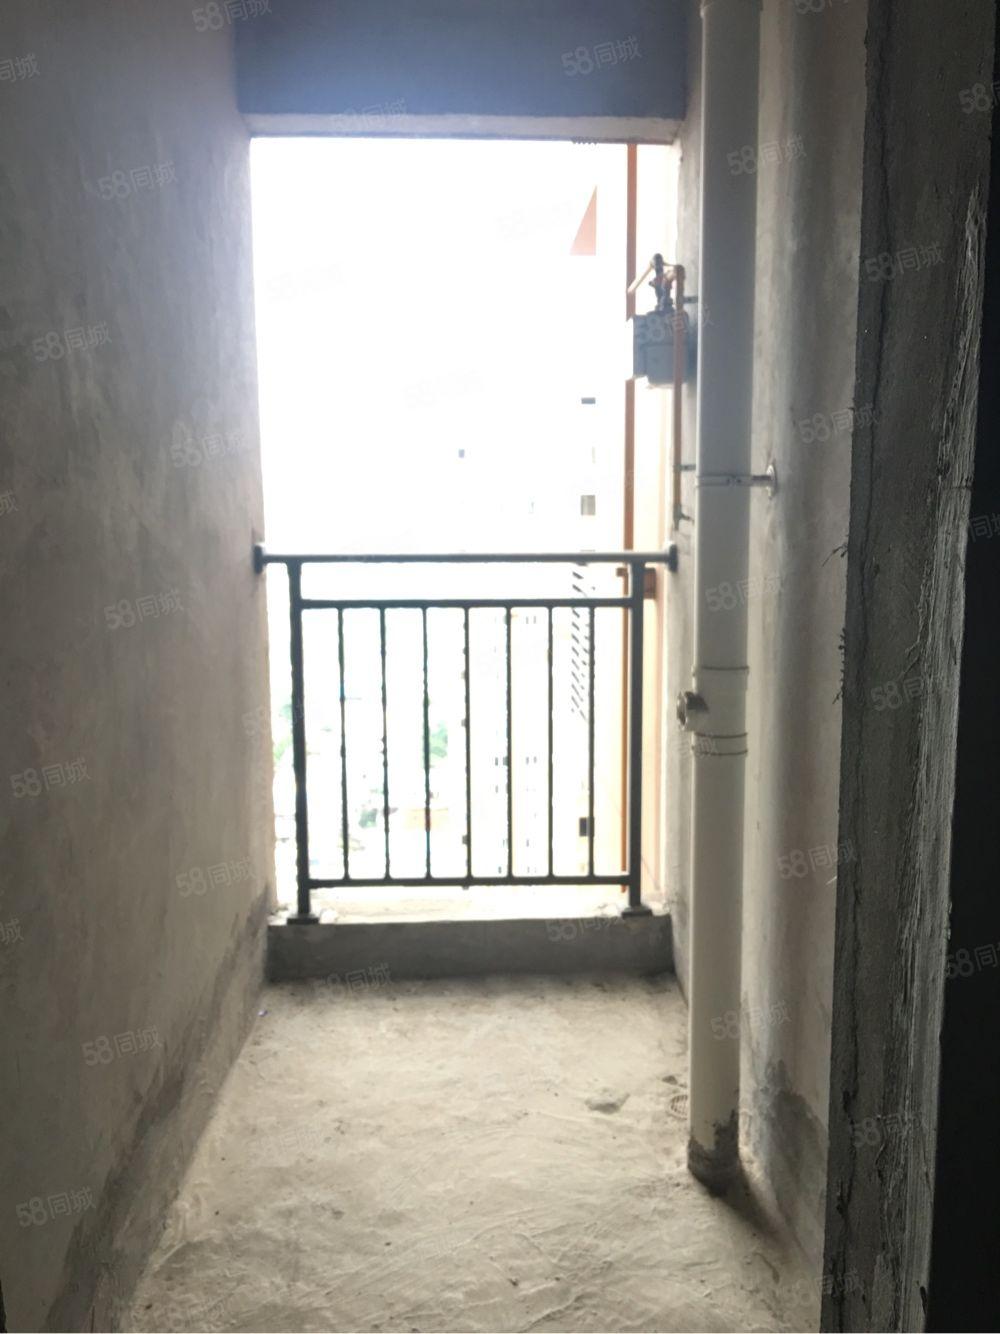 泸县城中心出入方便,客运站附近,2室2厅江景房